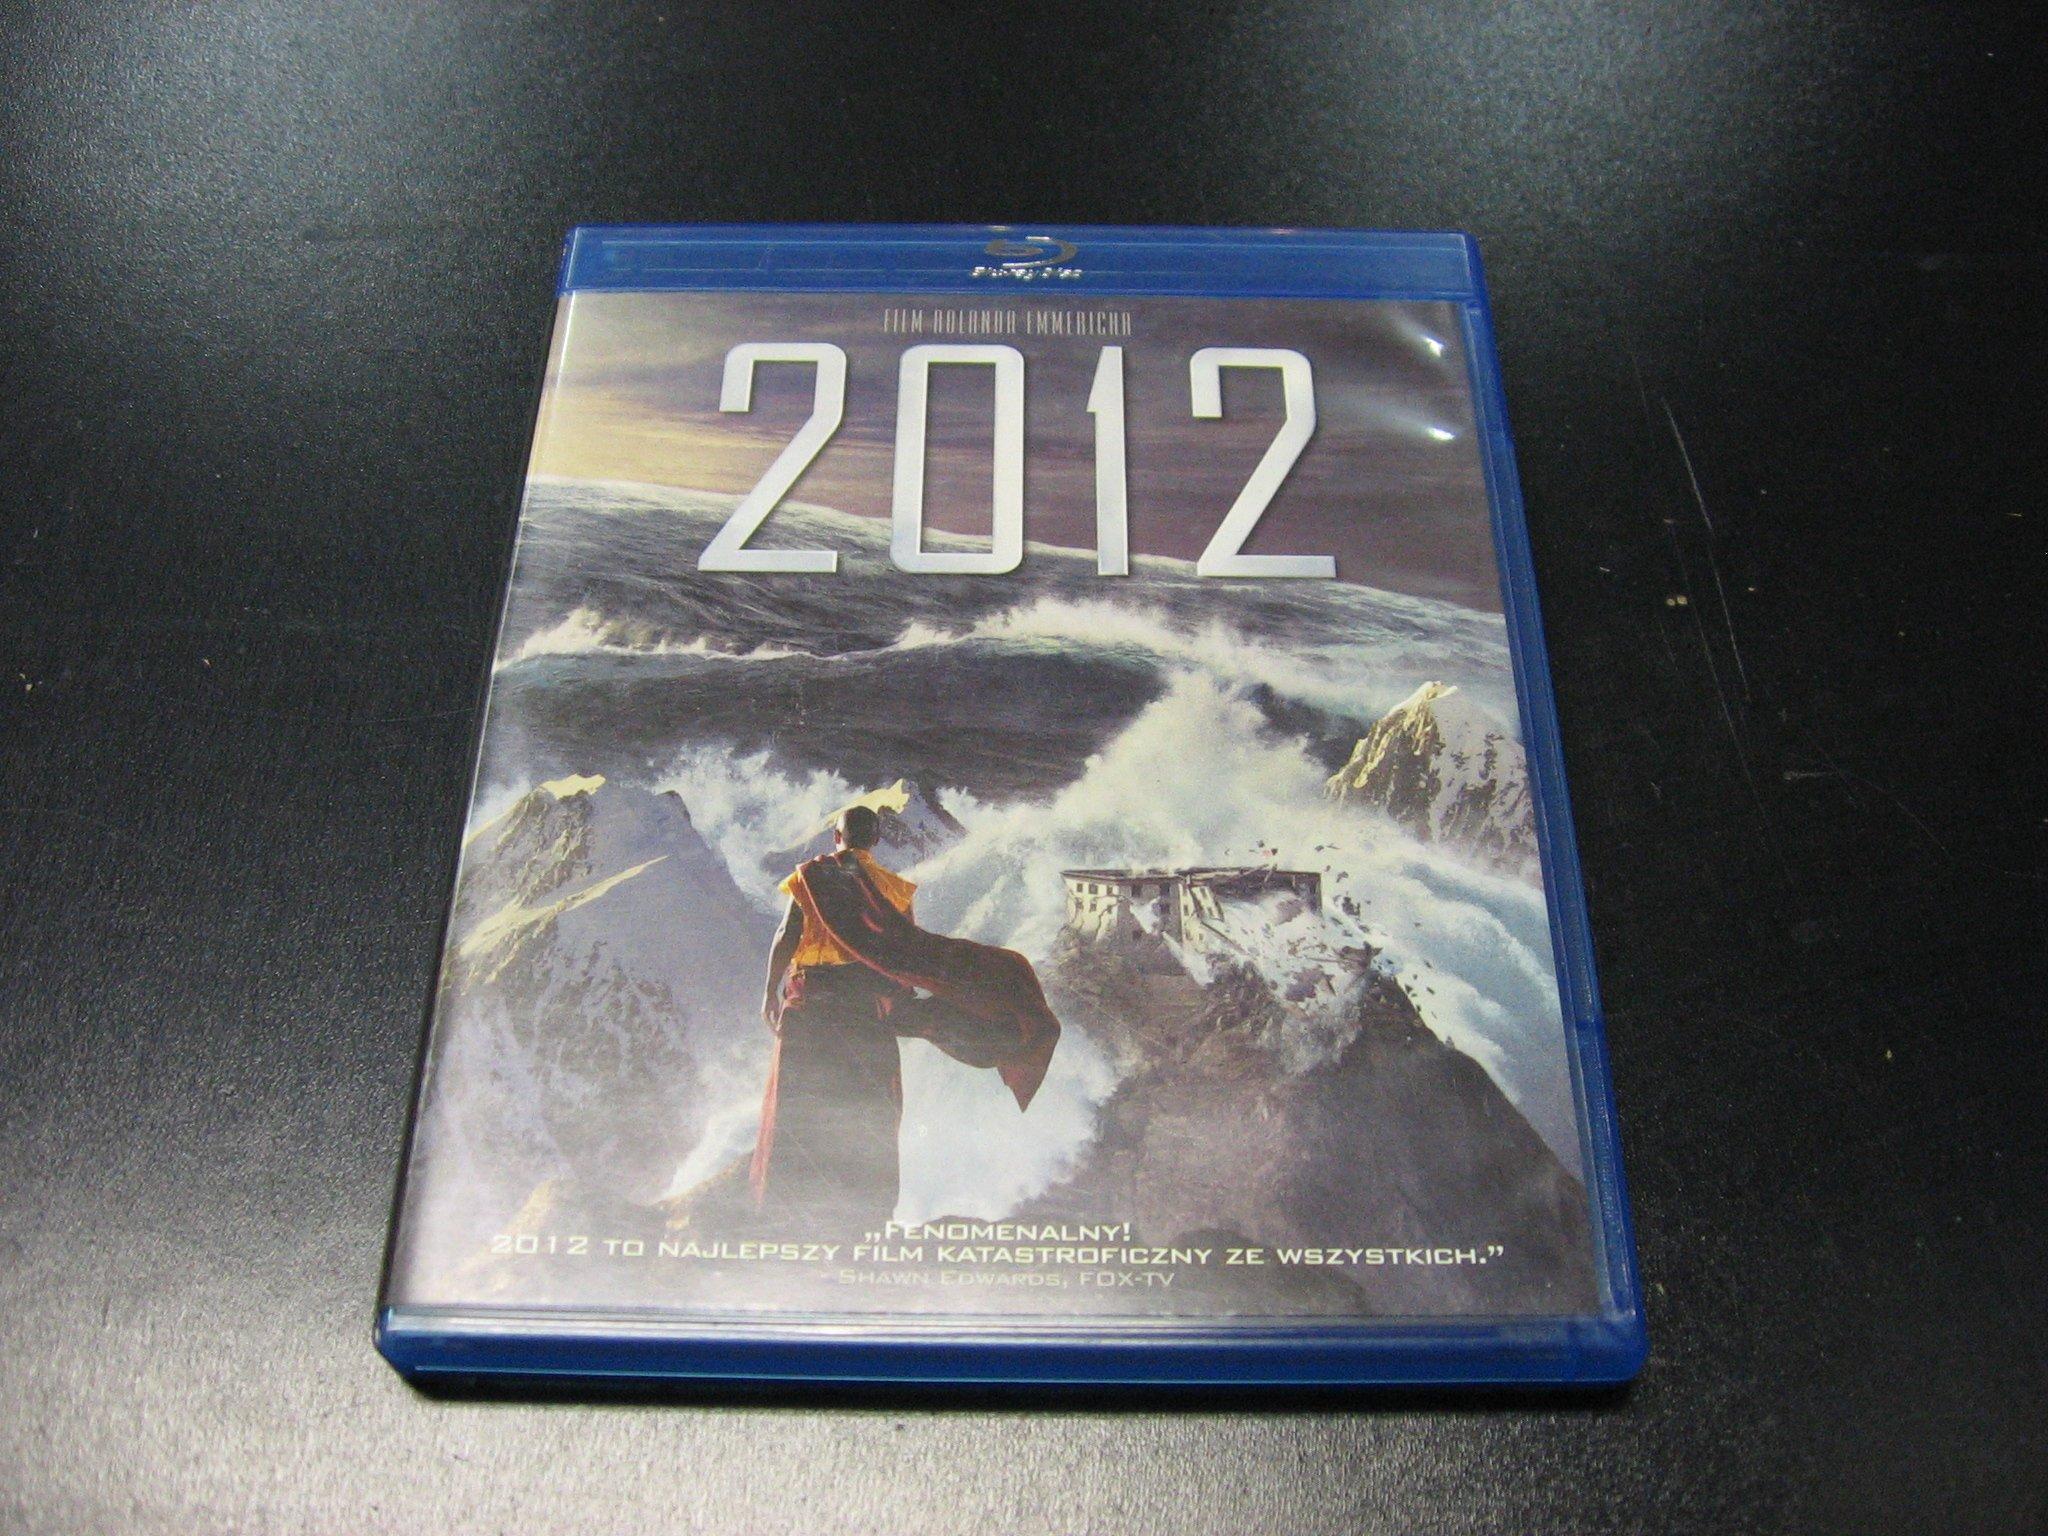 2012 042 `````````` Blu-rey ```````````` Opole